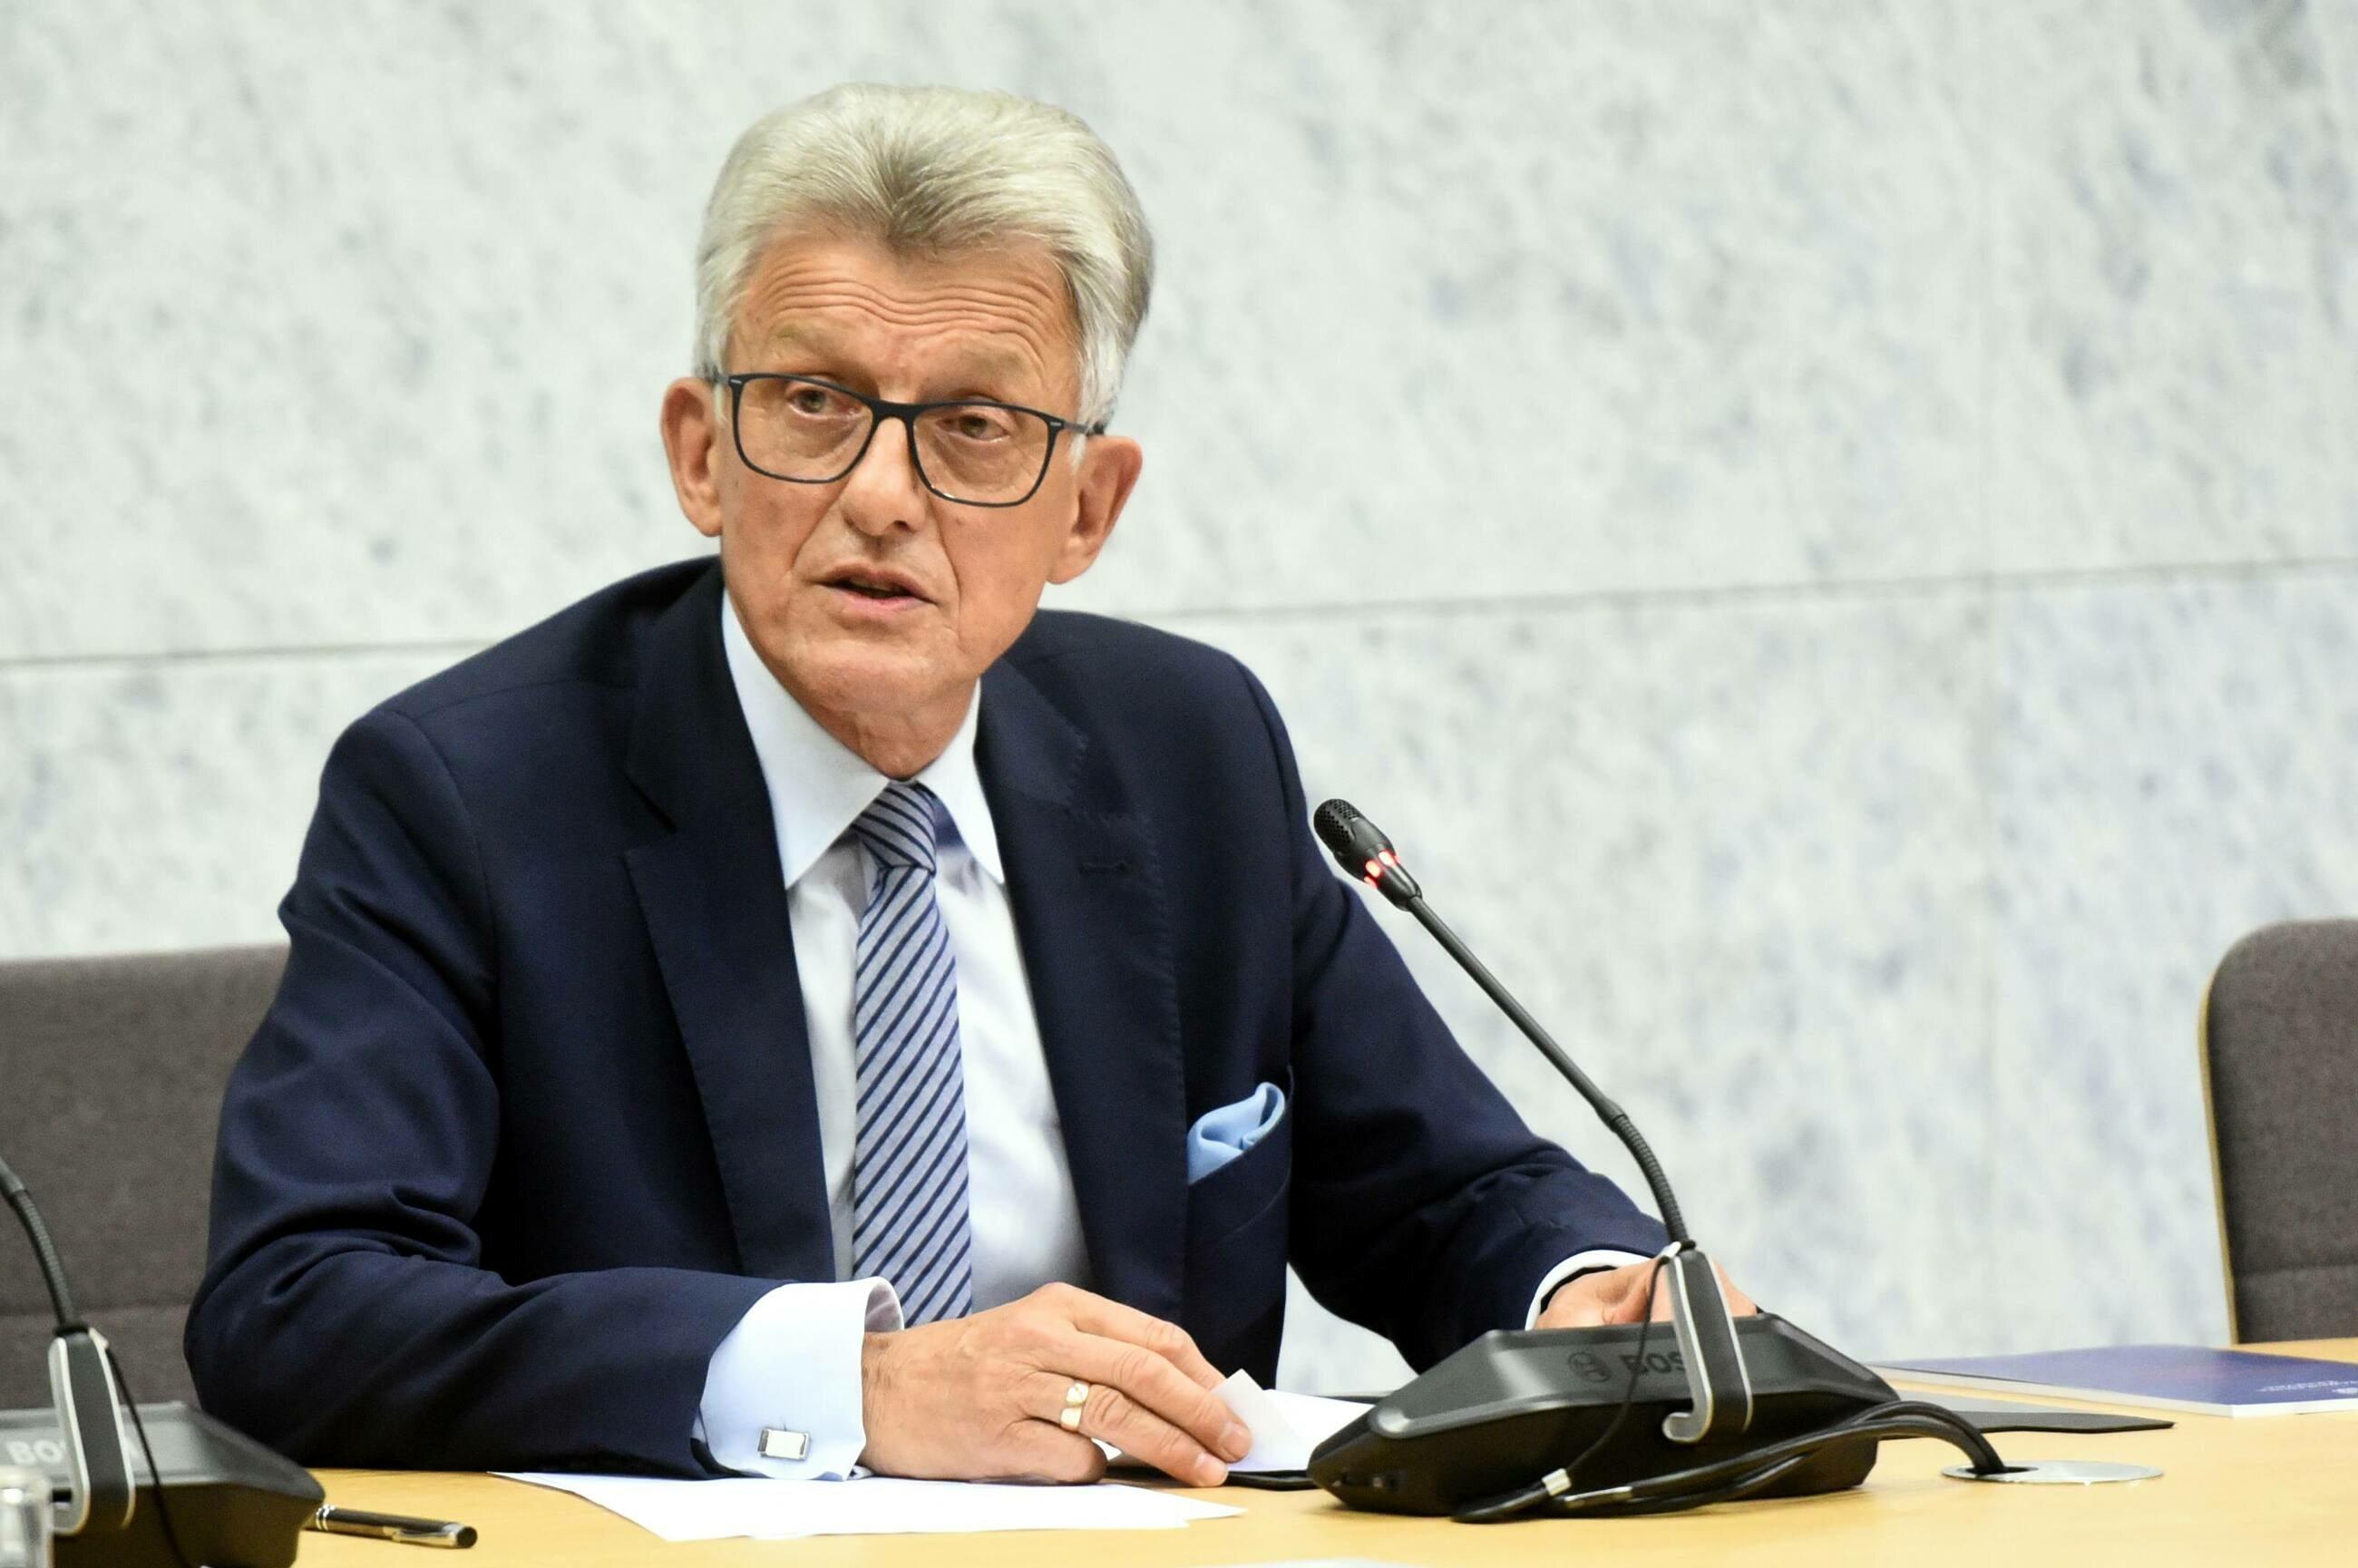 Zaskakująca sytuacja podczas posiedzenia TK. Sędzia Stanisław Piotrowicz przerwał rozprawę